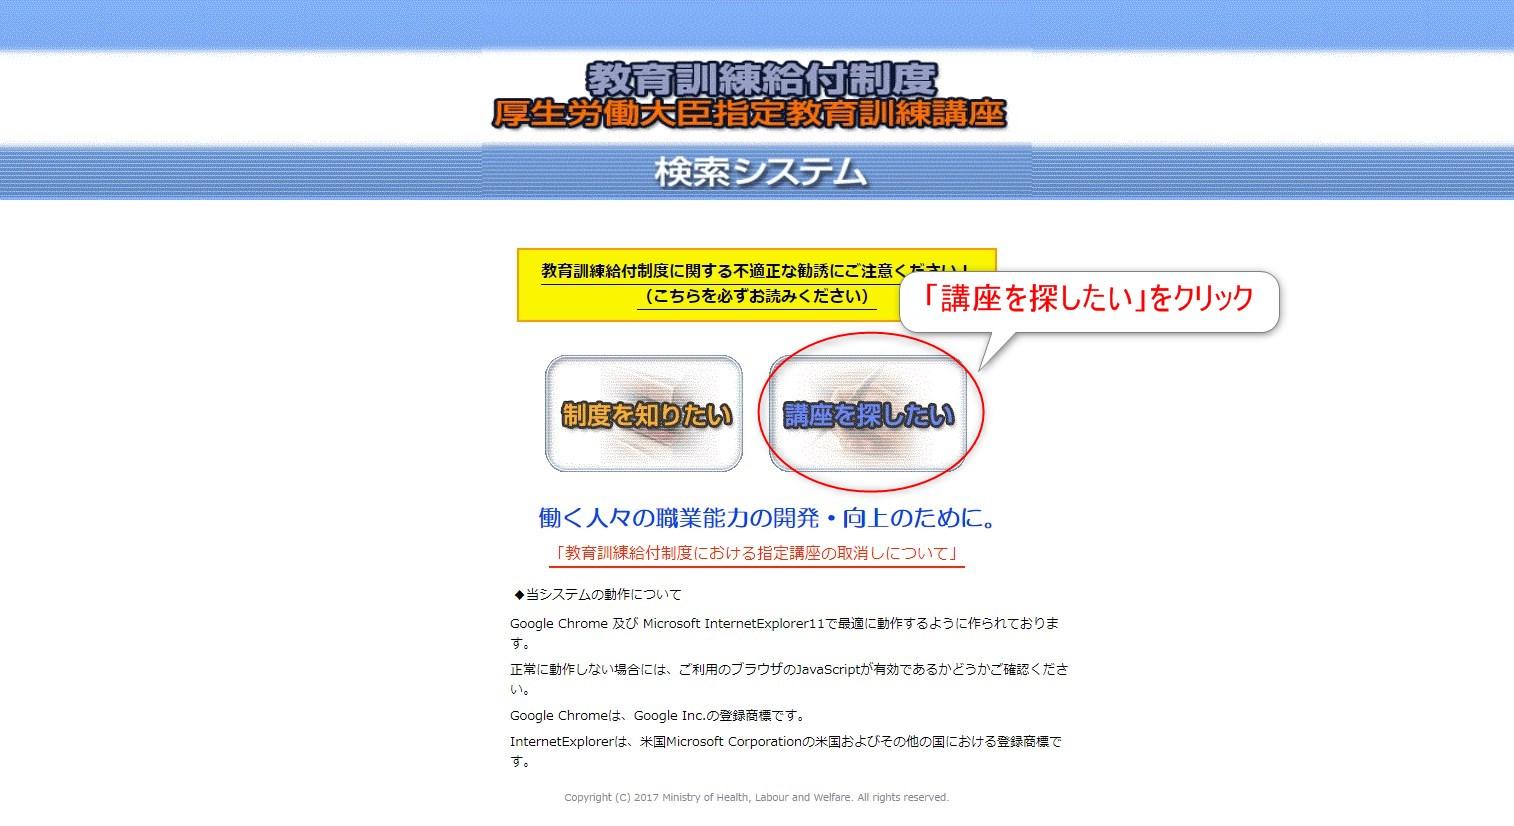 12-04-01_大型二種免許の検索方法